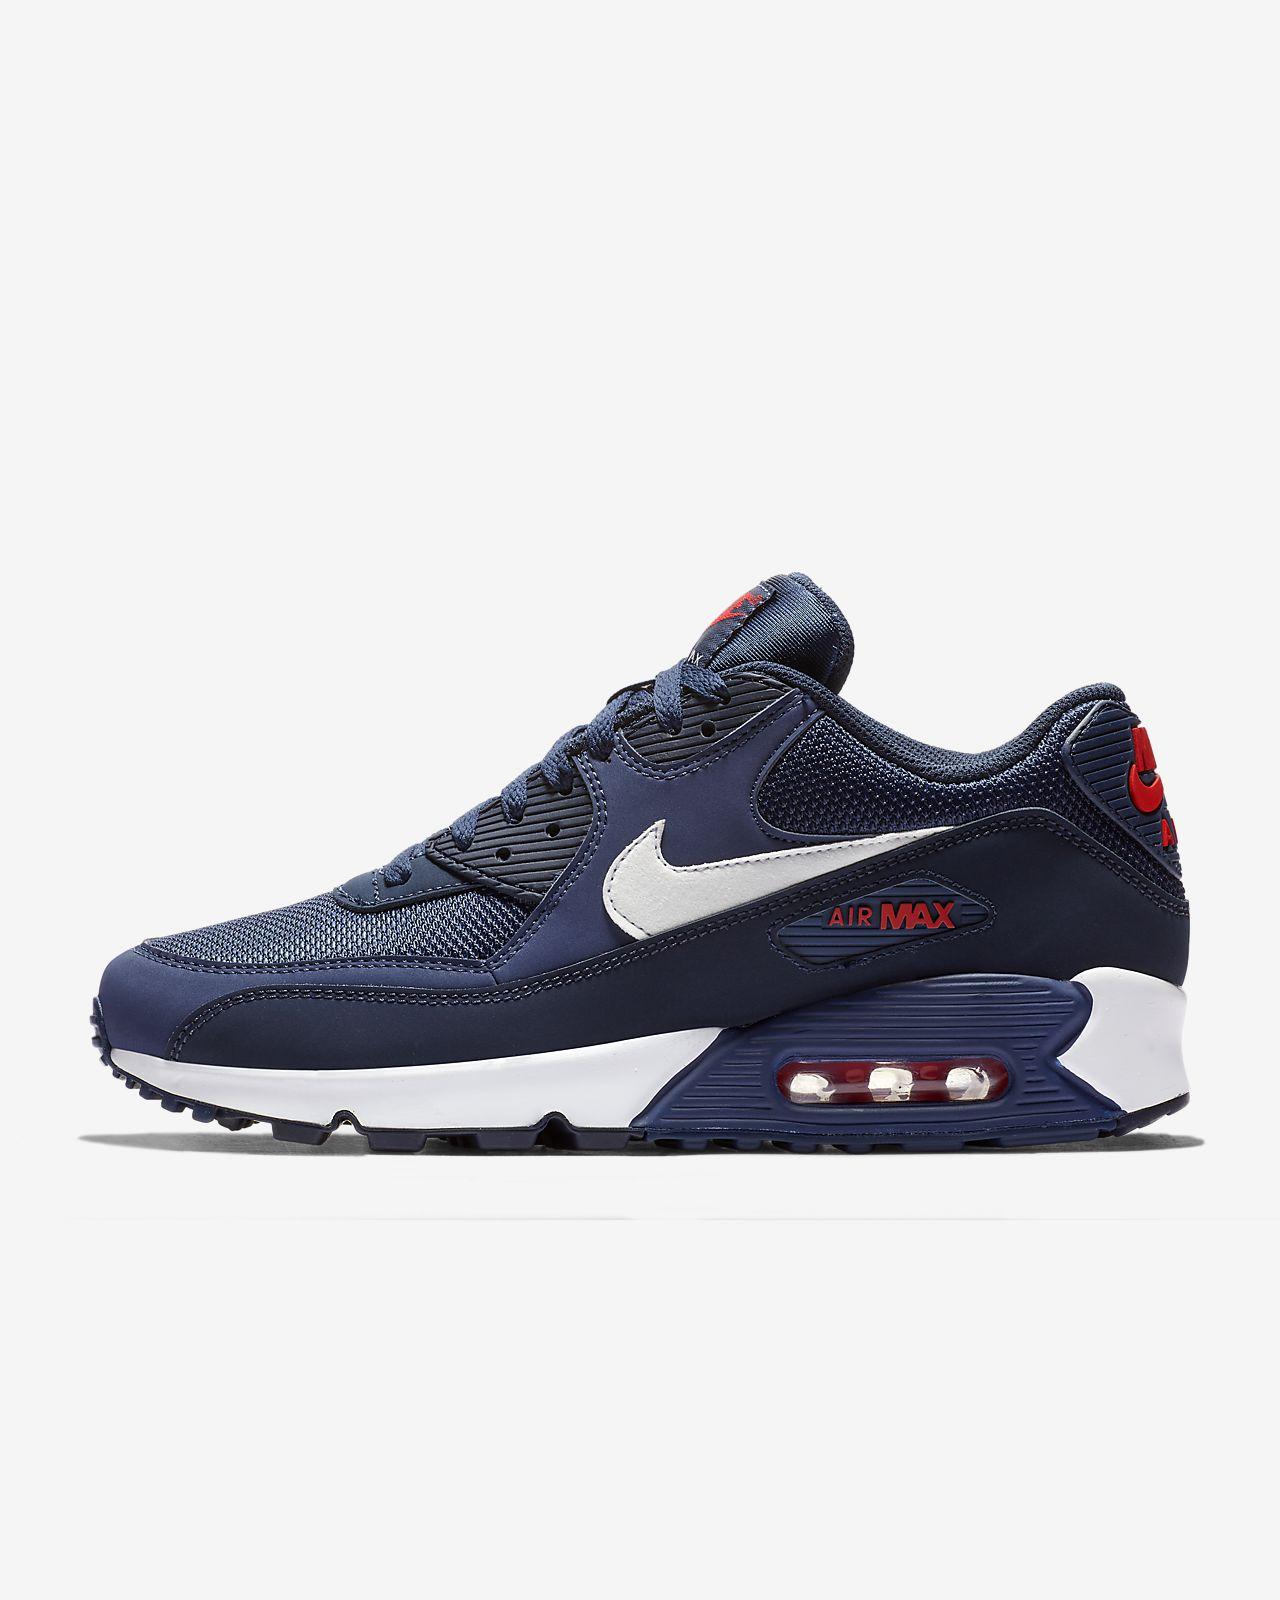 separation shoes ec595 11cb1 ... Nike Air Max 90 Essential Men s Shoe